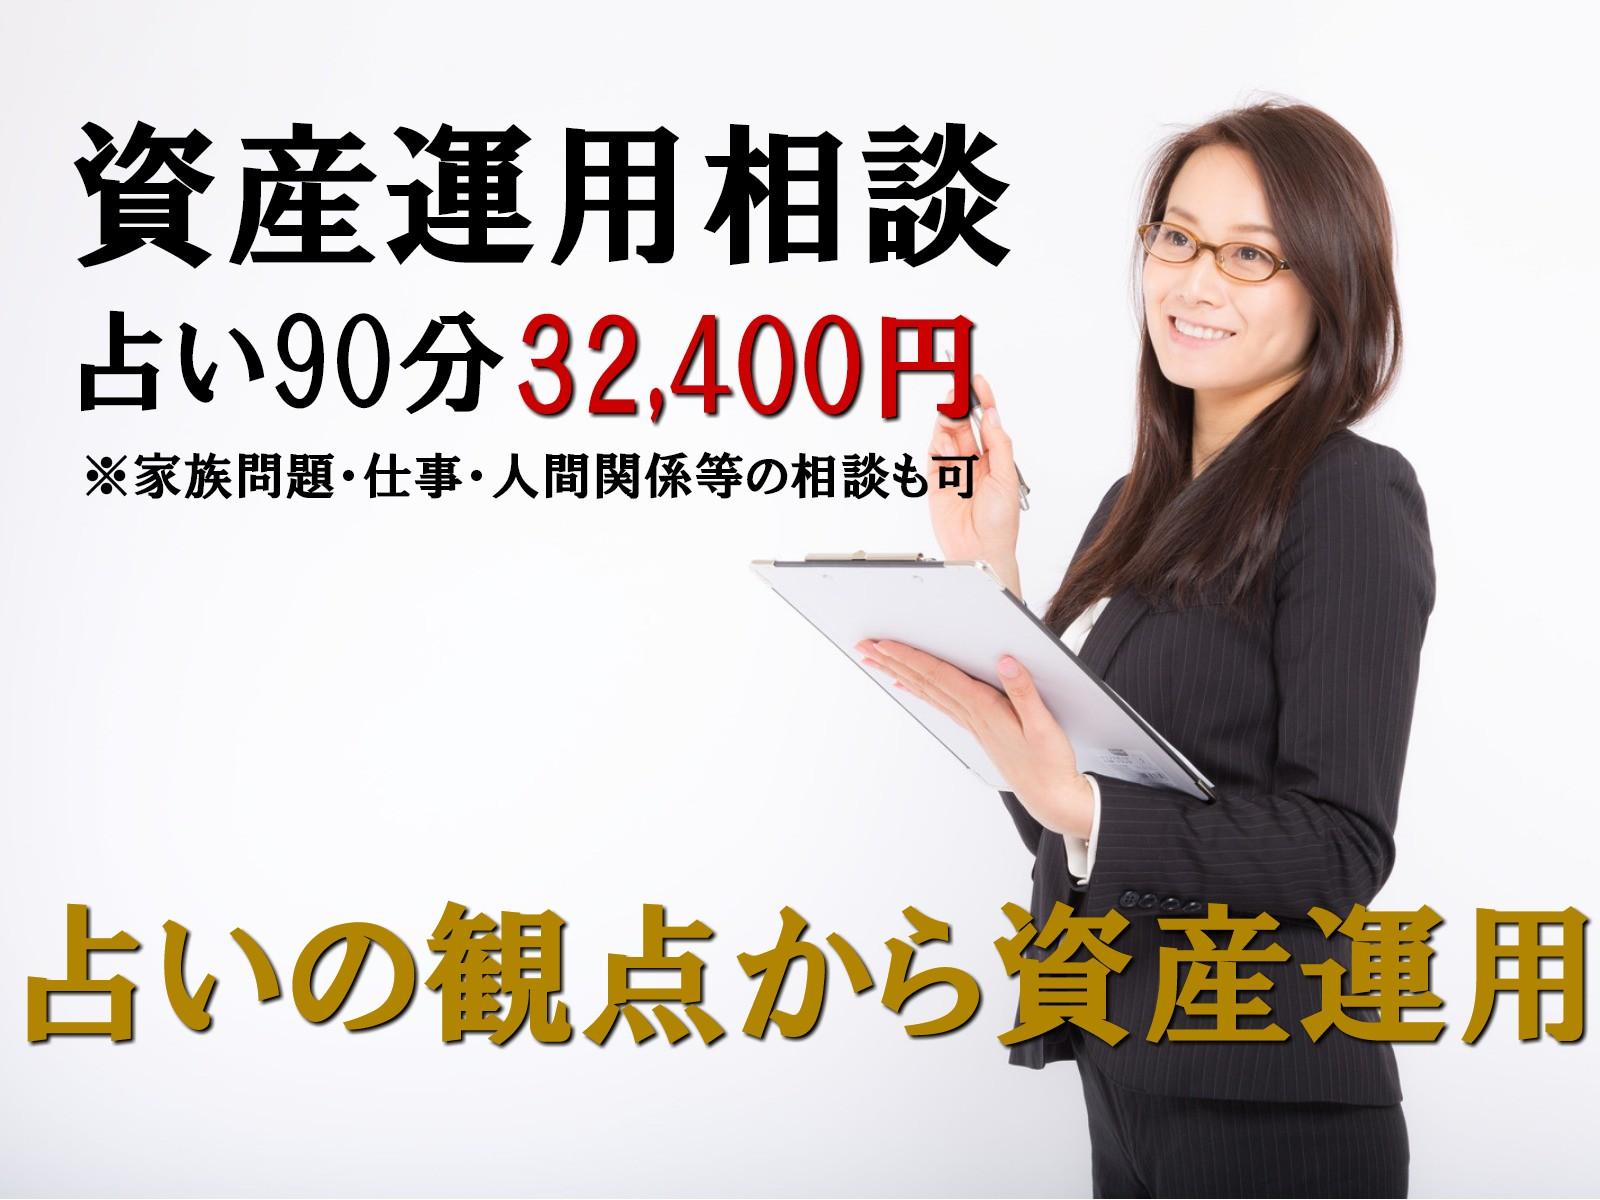 東京で資産運用・投資のご相談なら「占いの観点からアドバイス」ができる占い館BCAFE(ビーカフェ)渋谷店にお任せ!占いを活用し「セミナー」「書籍」「ブログ」とは違うアドバイスを行います